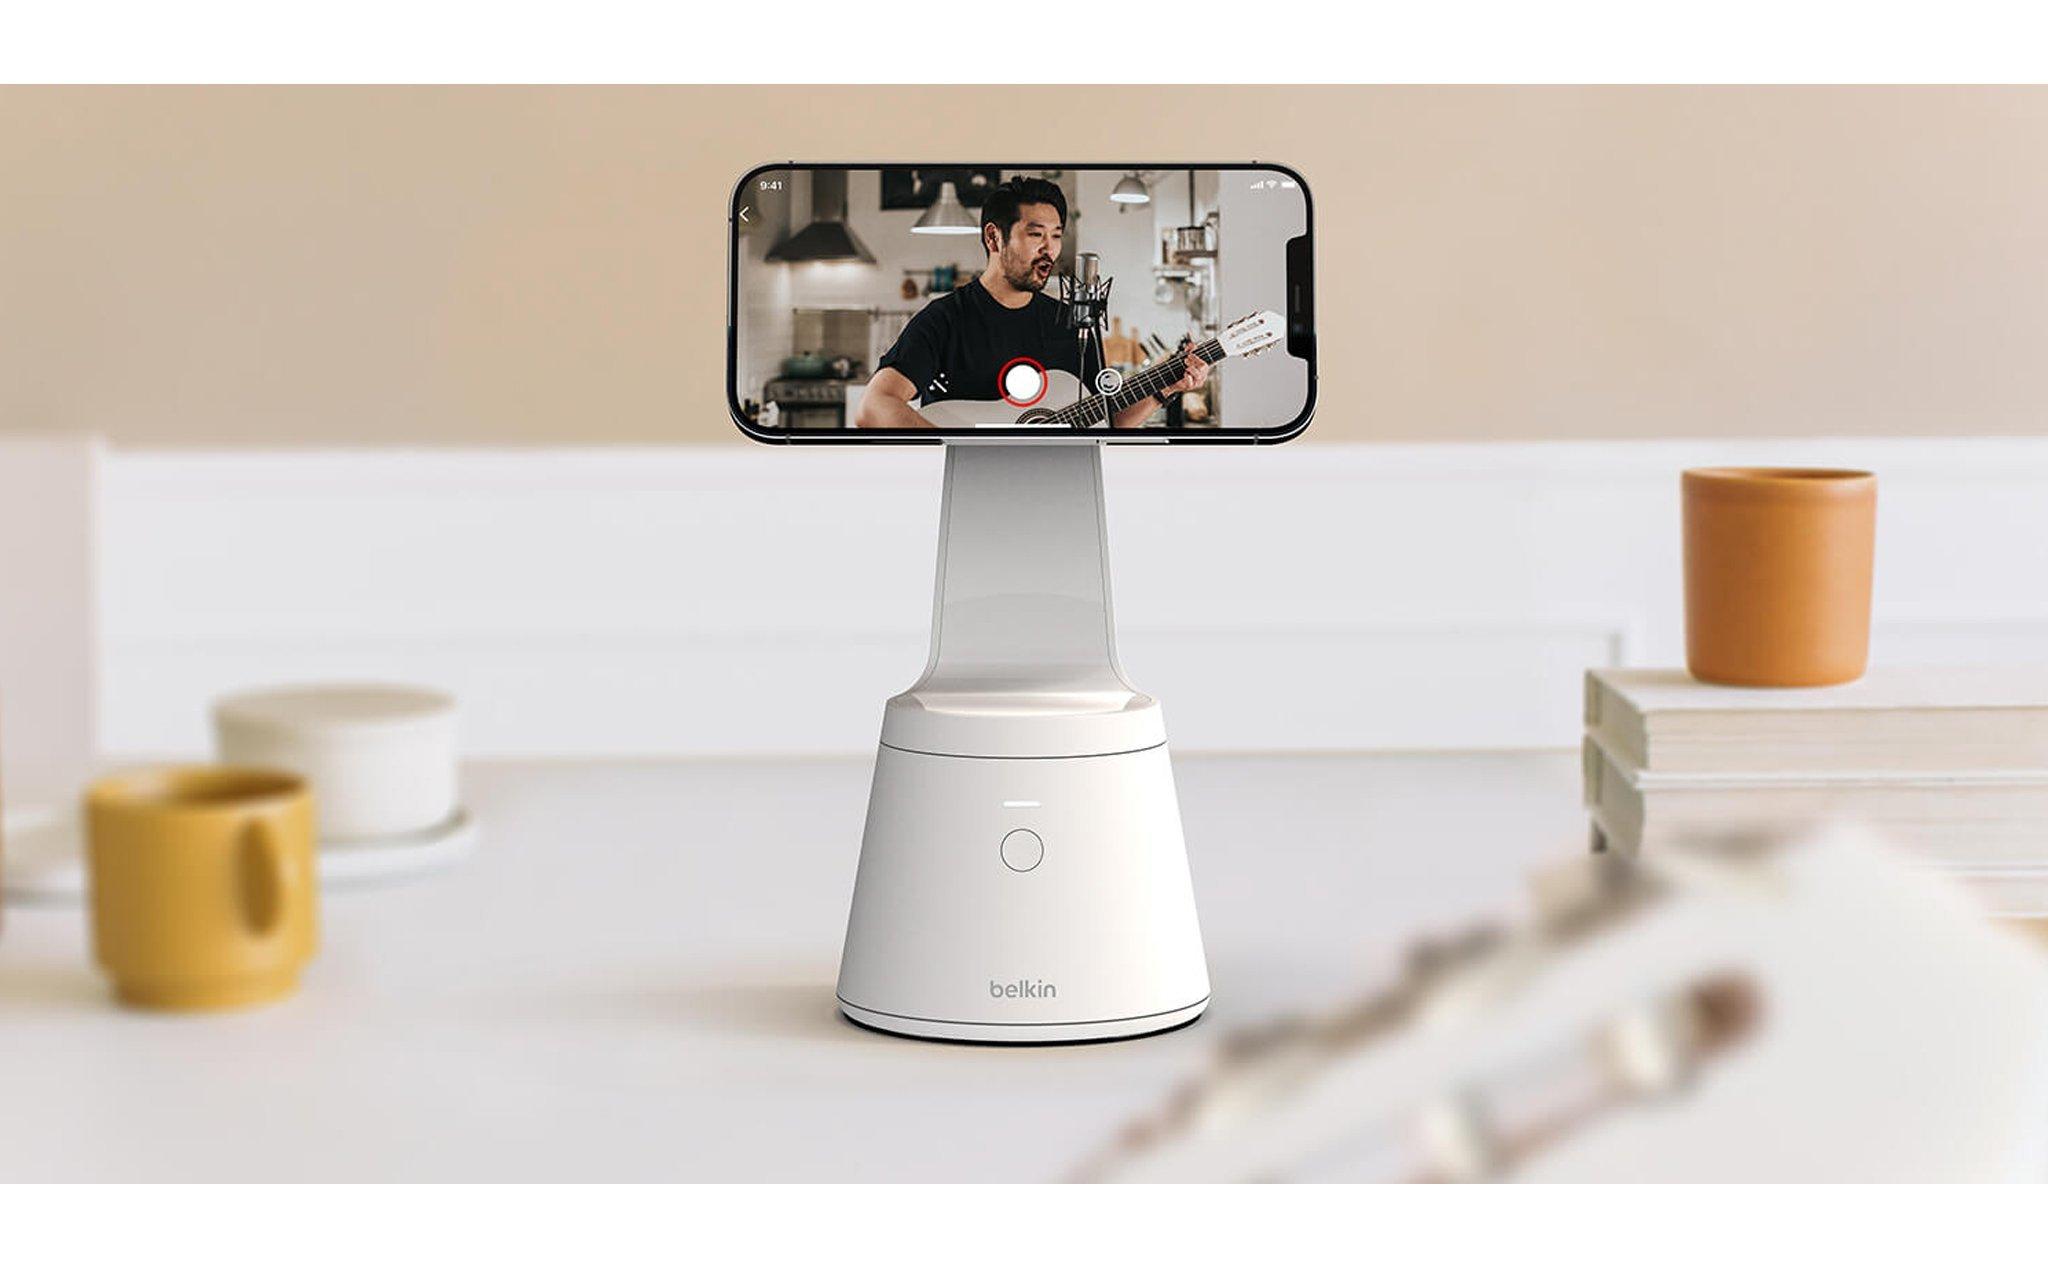 Magnetic Phone Mount with Face Tracking: Xoay 360 độ, giữ điện thoại bằng nam châm, giá bán 65 đô